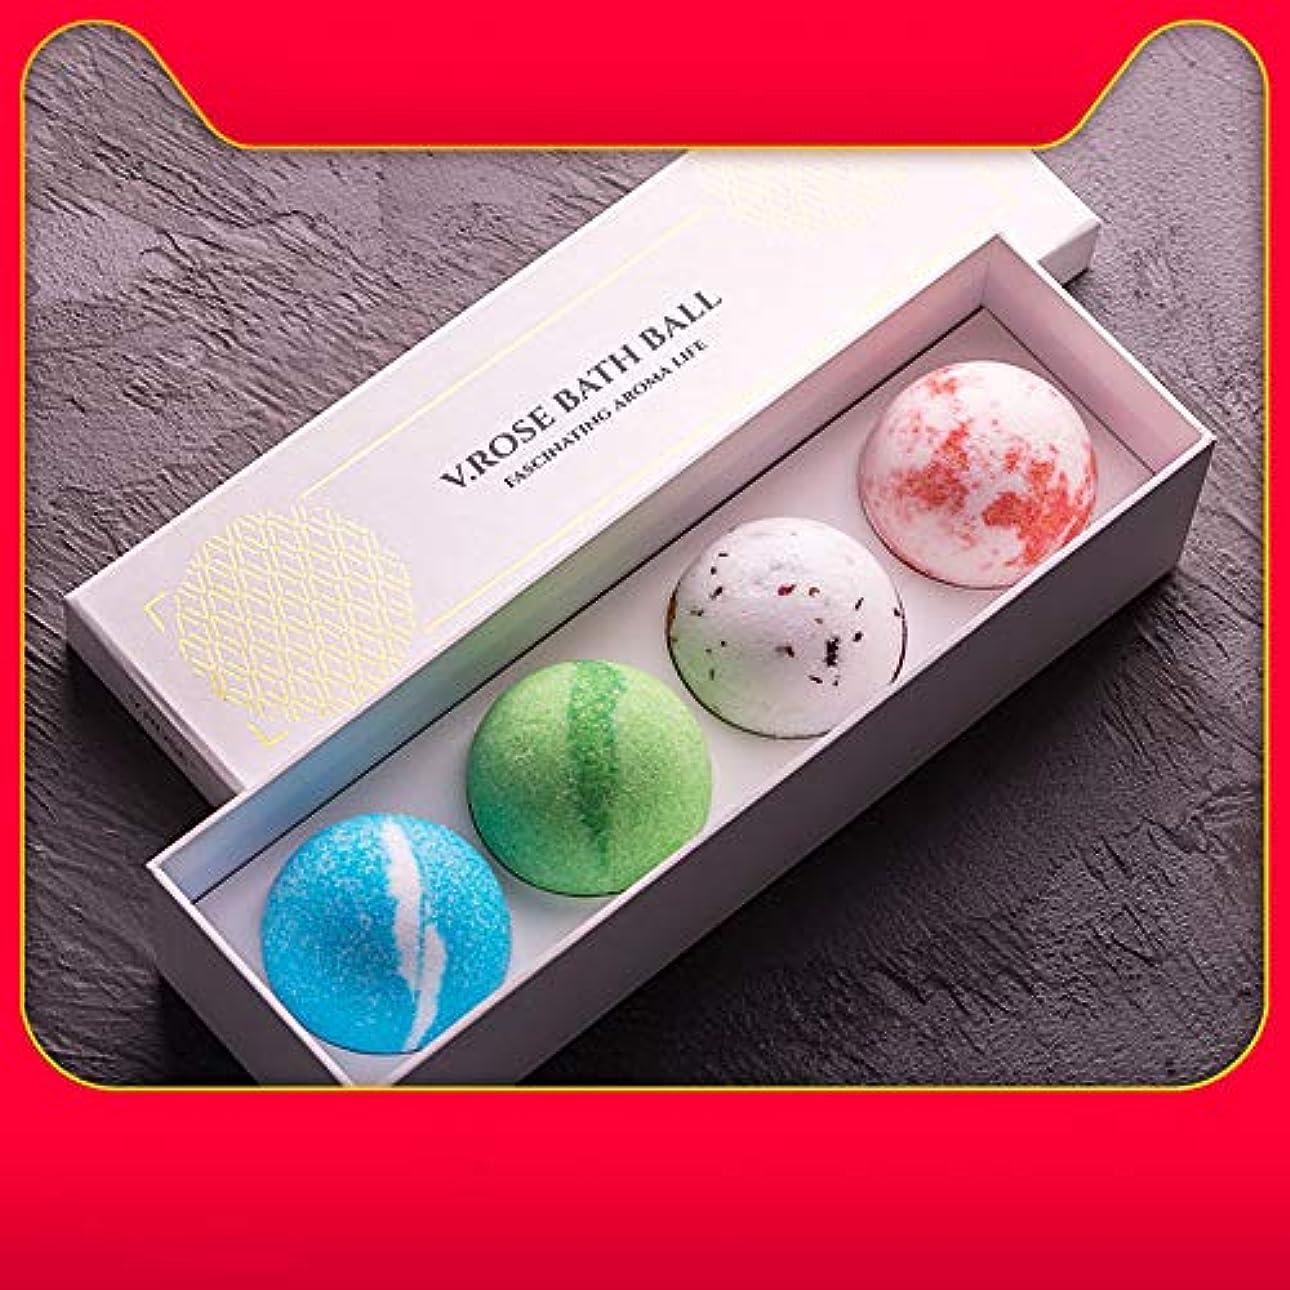 文字ブリークバスボム 炭酸 入浴剤 ギフト 手作り お風呂用 4つの香りキット 天然素材 カラフル バスボール 母の日 結婚記念日 プレゼント